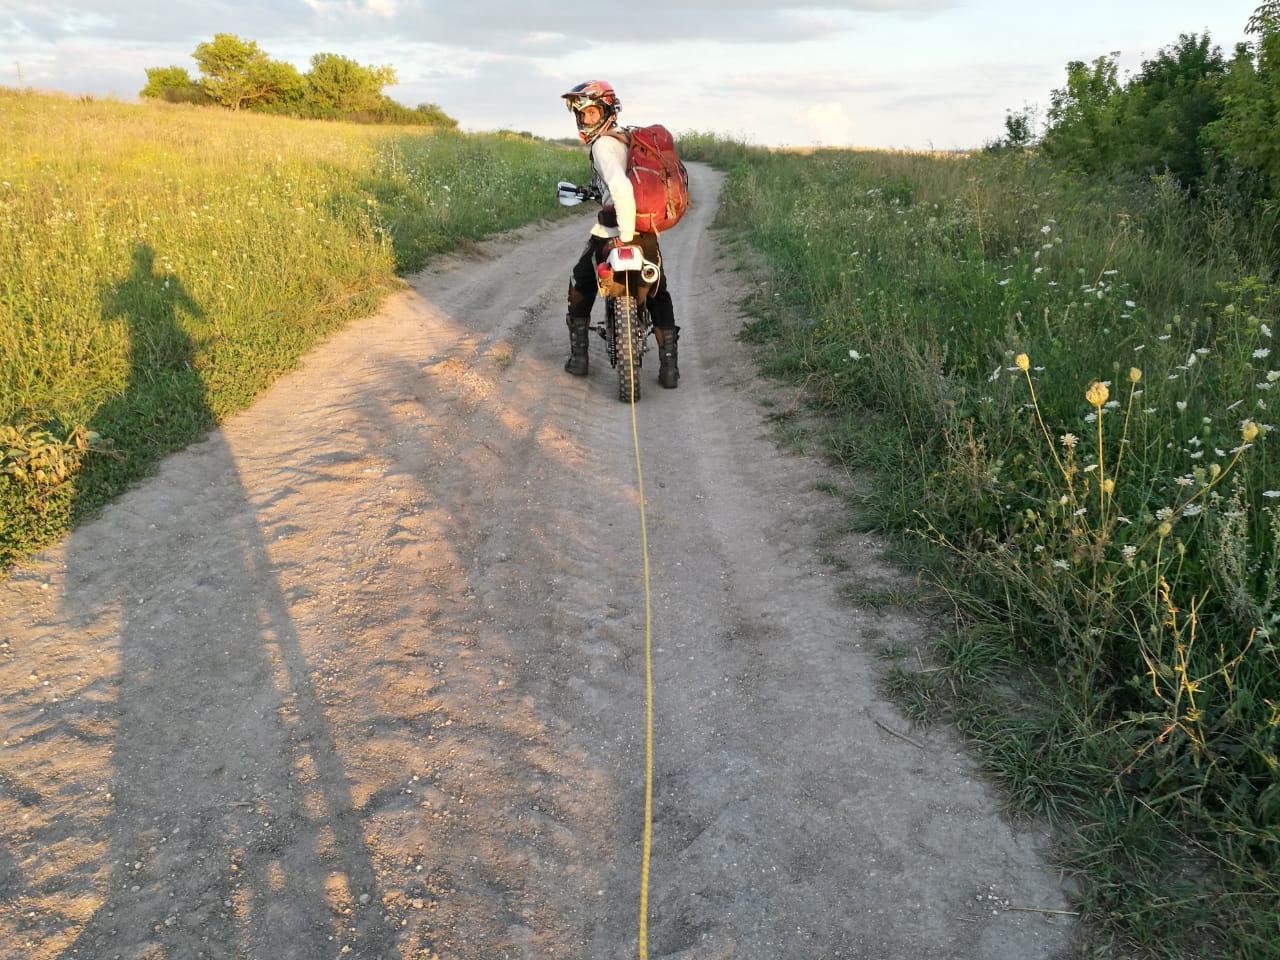 Решаем как быть дальше, как совместить человека на велосипеде и человека на мотоцикле. И тут!!! И тут... Миха достает простую веревку. Я в ахуе... но делать нечего, цепляемся!